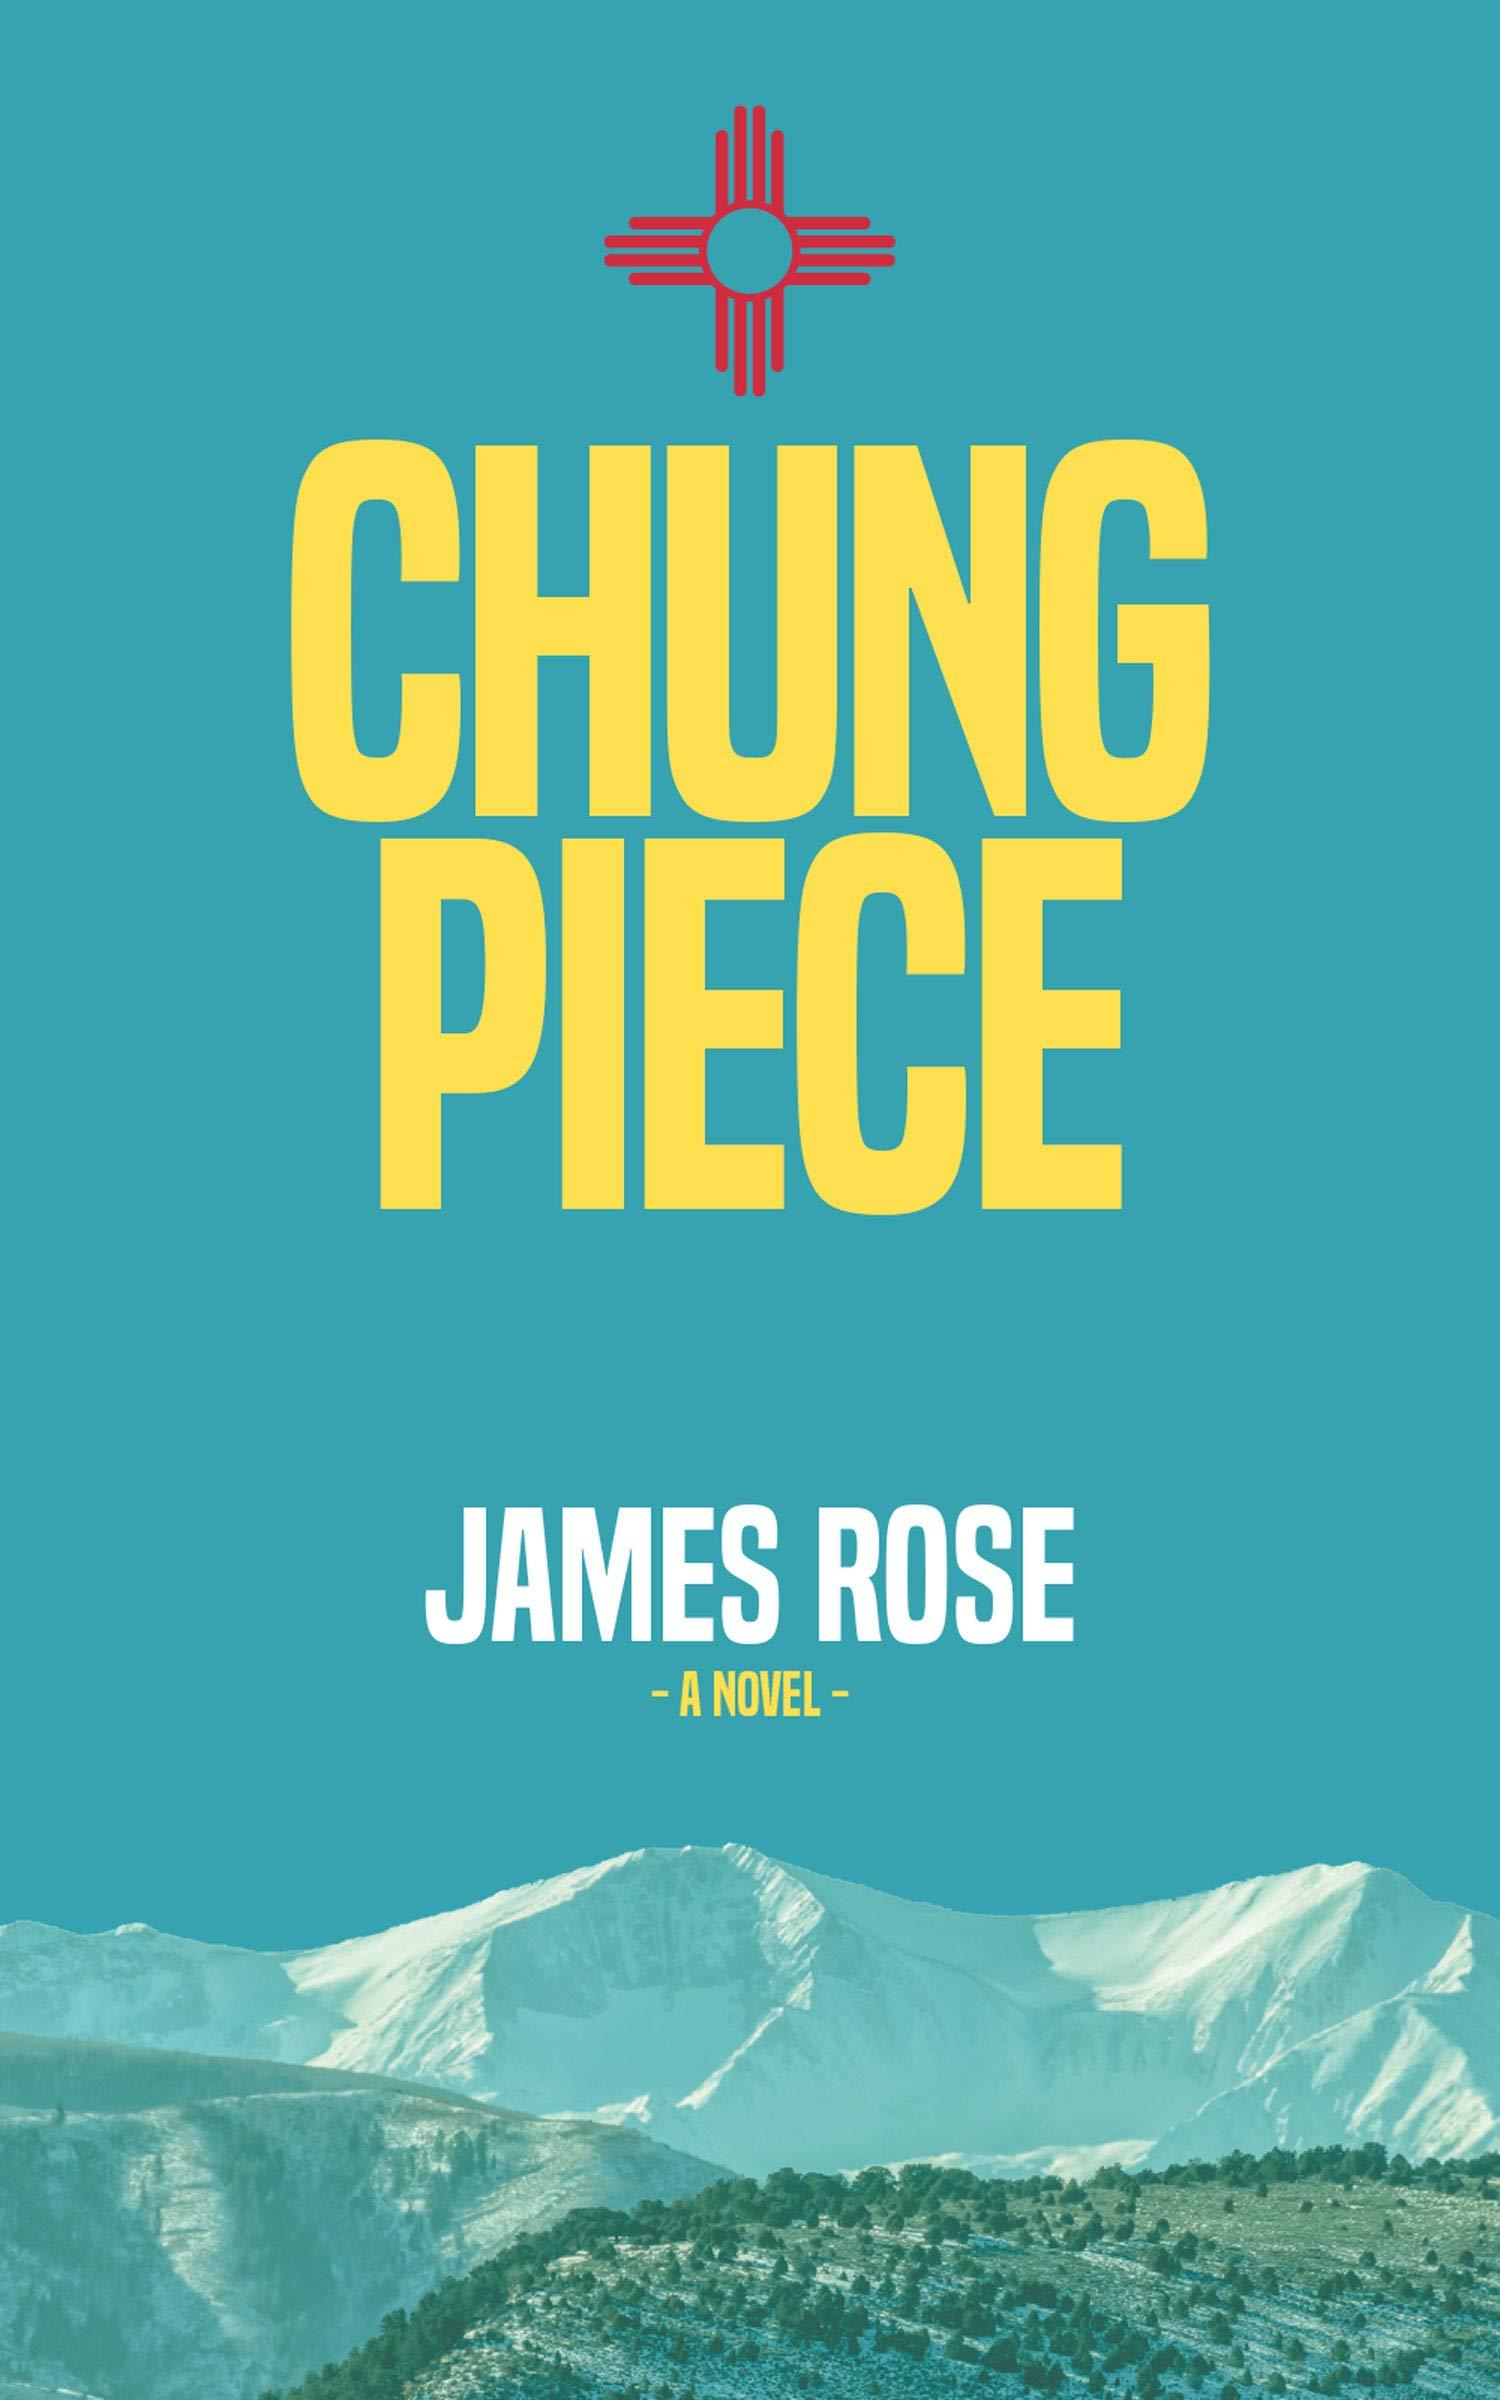 Chung Piece James Rose